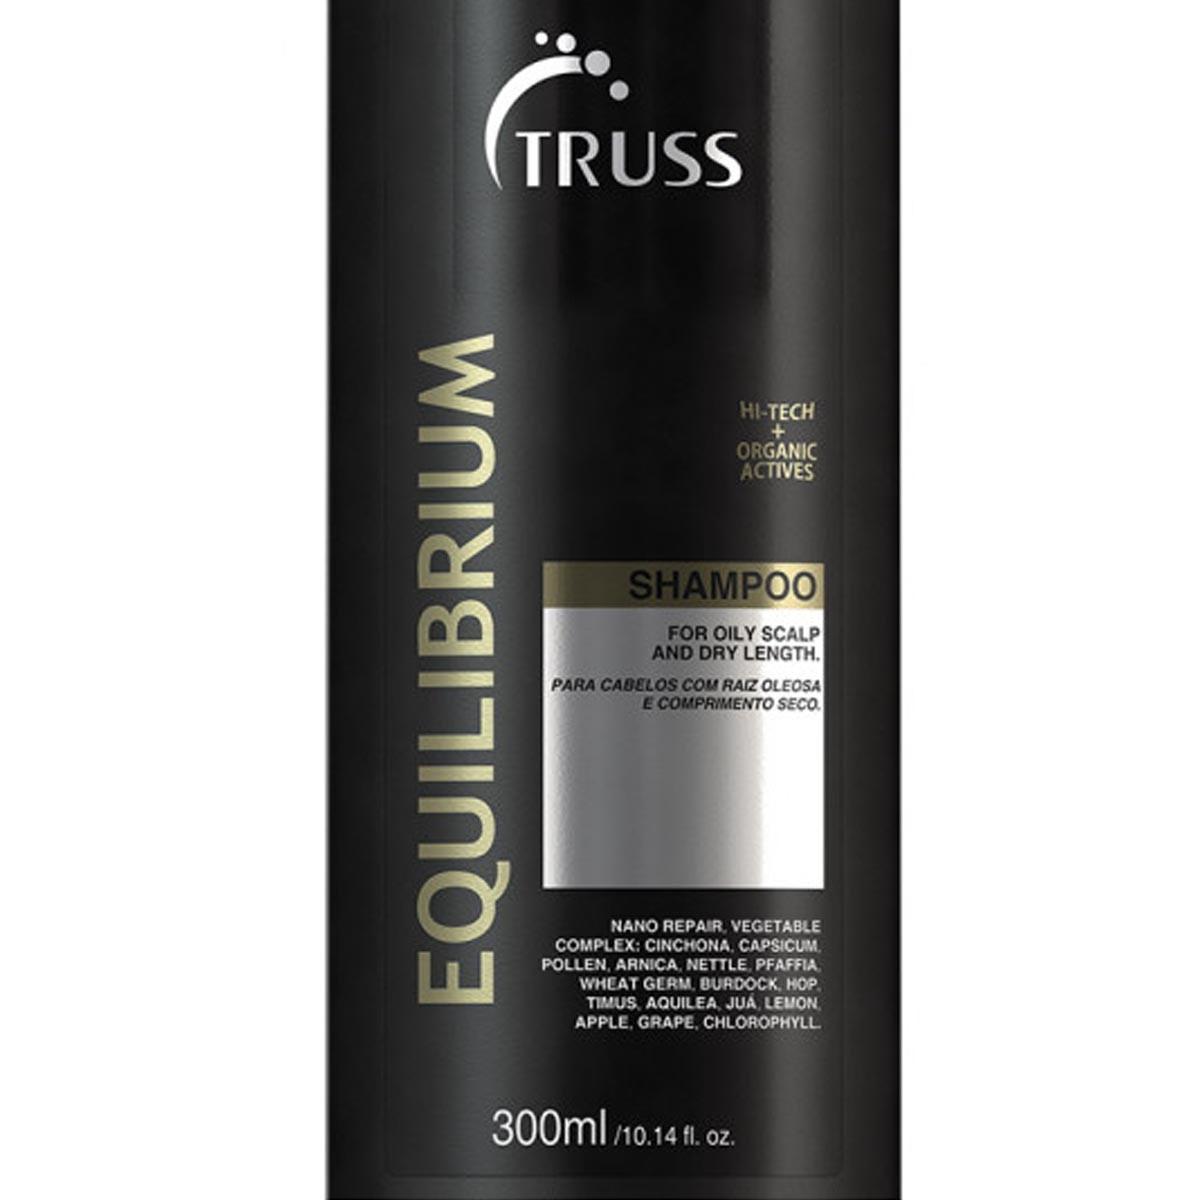 Truss Shampoo Equilibrium 300ml